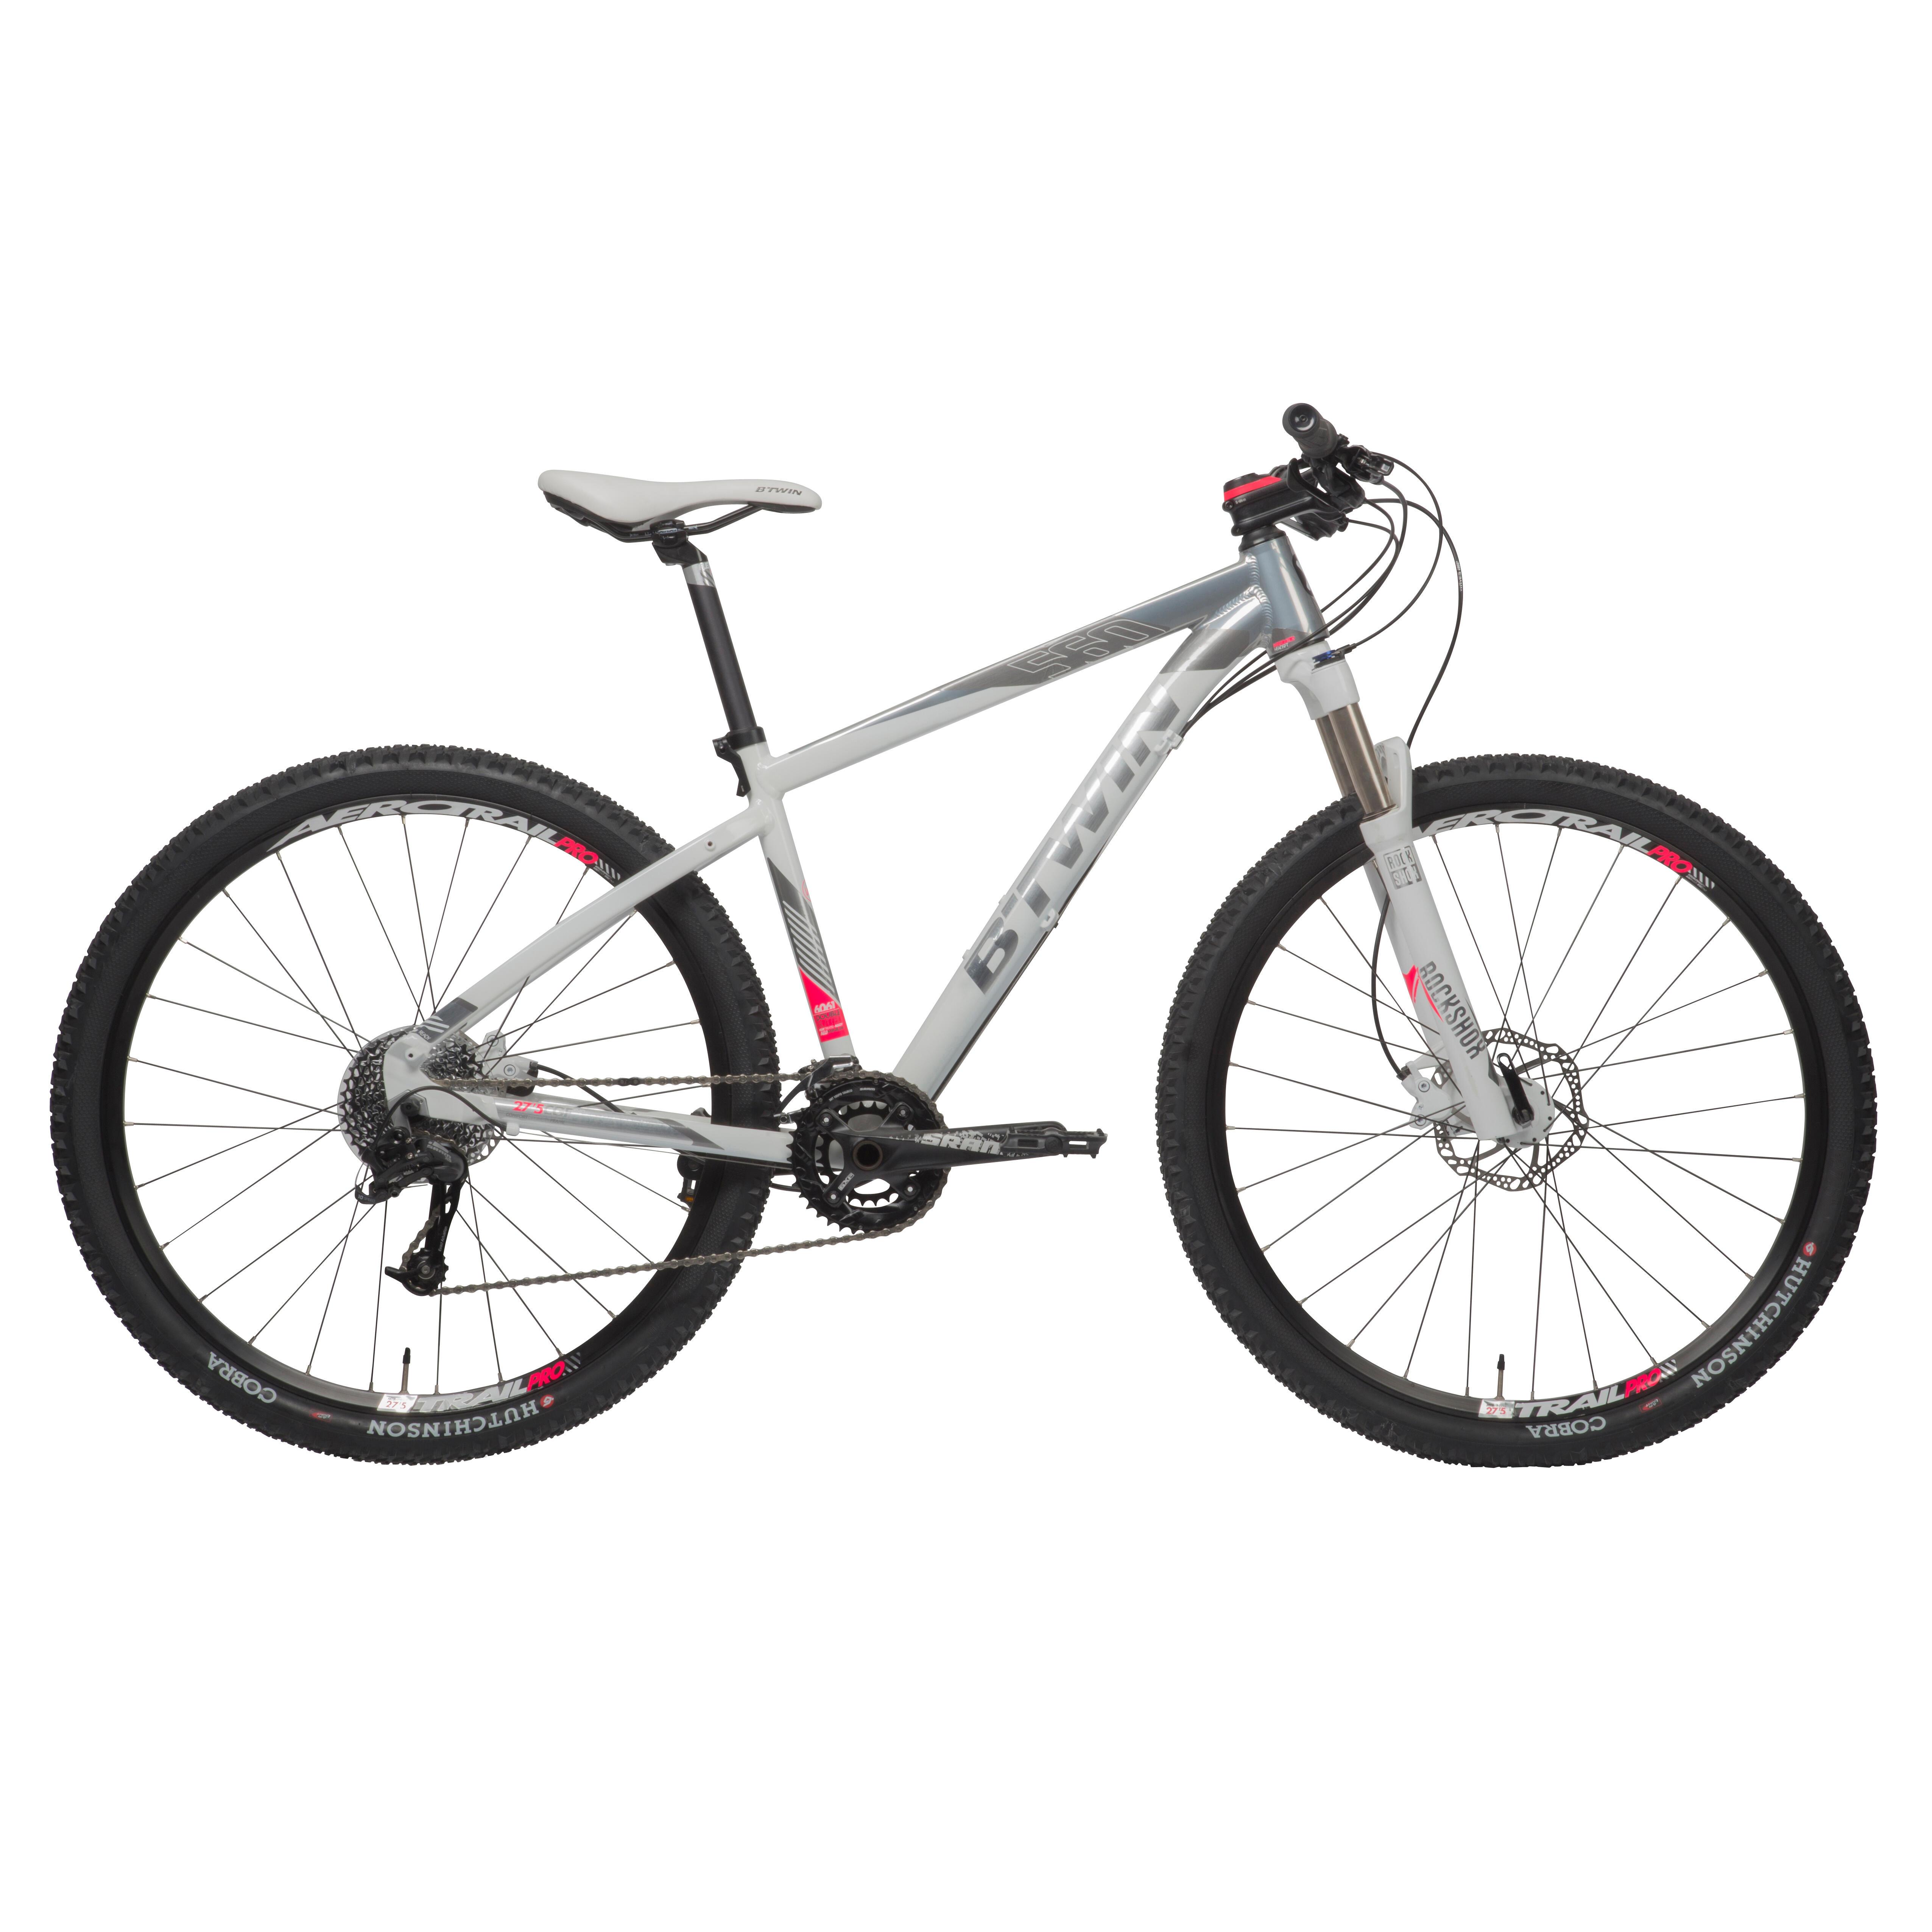 73a56041f Comprar Bicicletas de Montaña Online